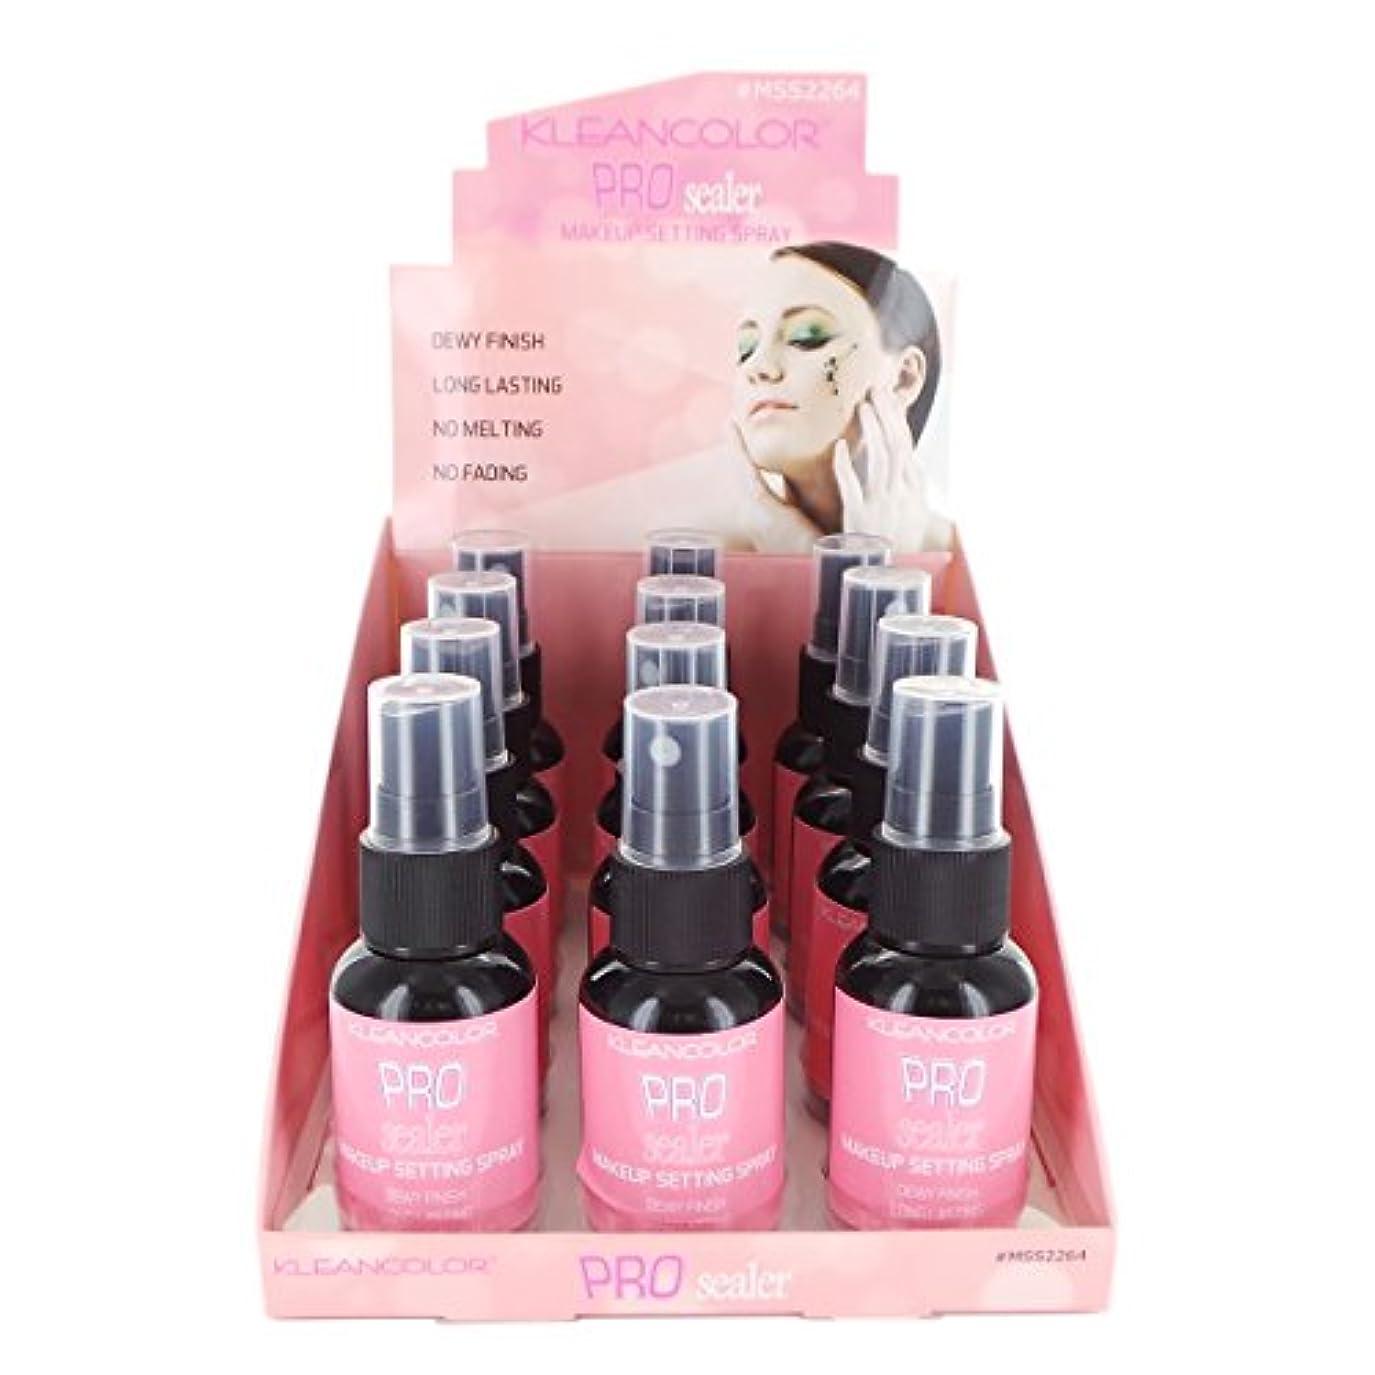 使い込む鑑定言うまでもなくKLEANCOLOR Pro Sealer Makeup Setting Spray Display Set, 12 Pieces (並行輸入品)